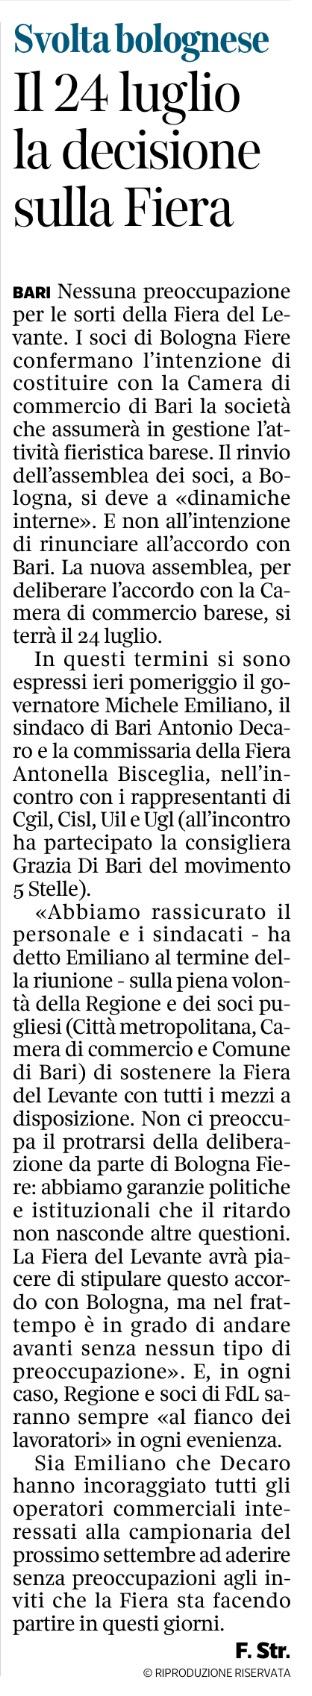 Il Corriere del Mezzogiorno - 04.07.2017